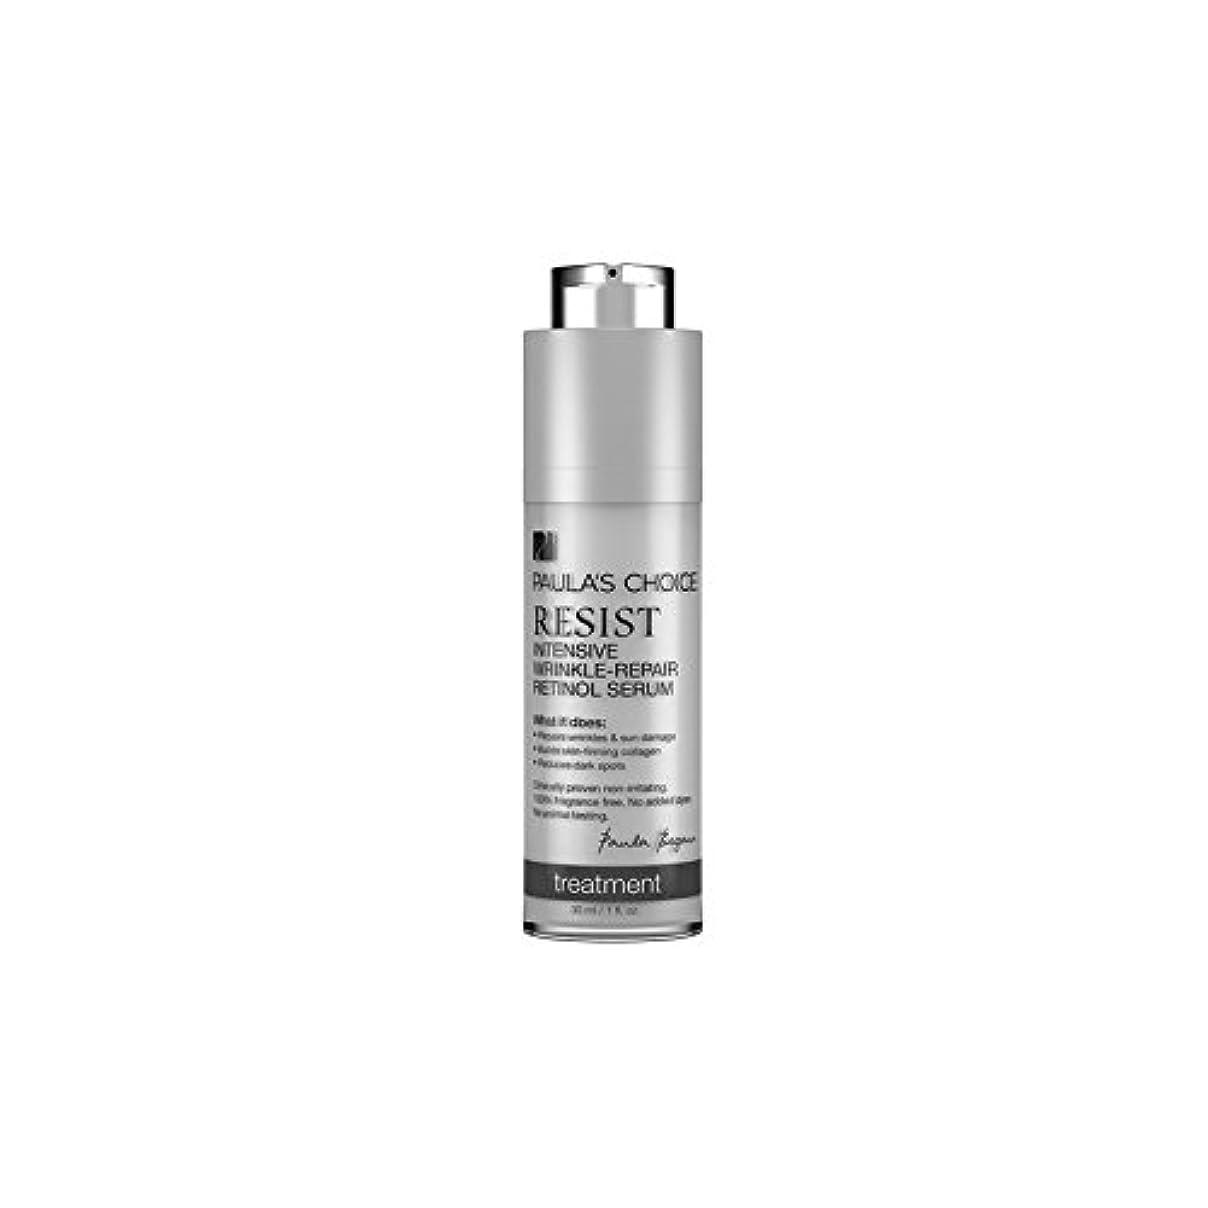 サワー本質的に戻るPaula's Choice Resist Intensive Wrinkle-Repair Retinol Serum (30ml) (Pack of 6) - ポーラチョイスは、集中的なしわ修復レチノール血清(30ミリリットル)を抵抗します x6 [並行輸入品]